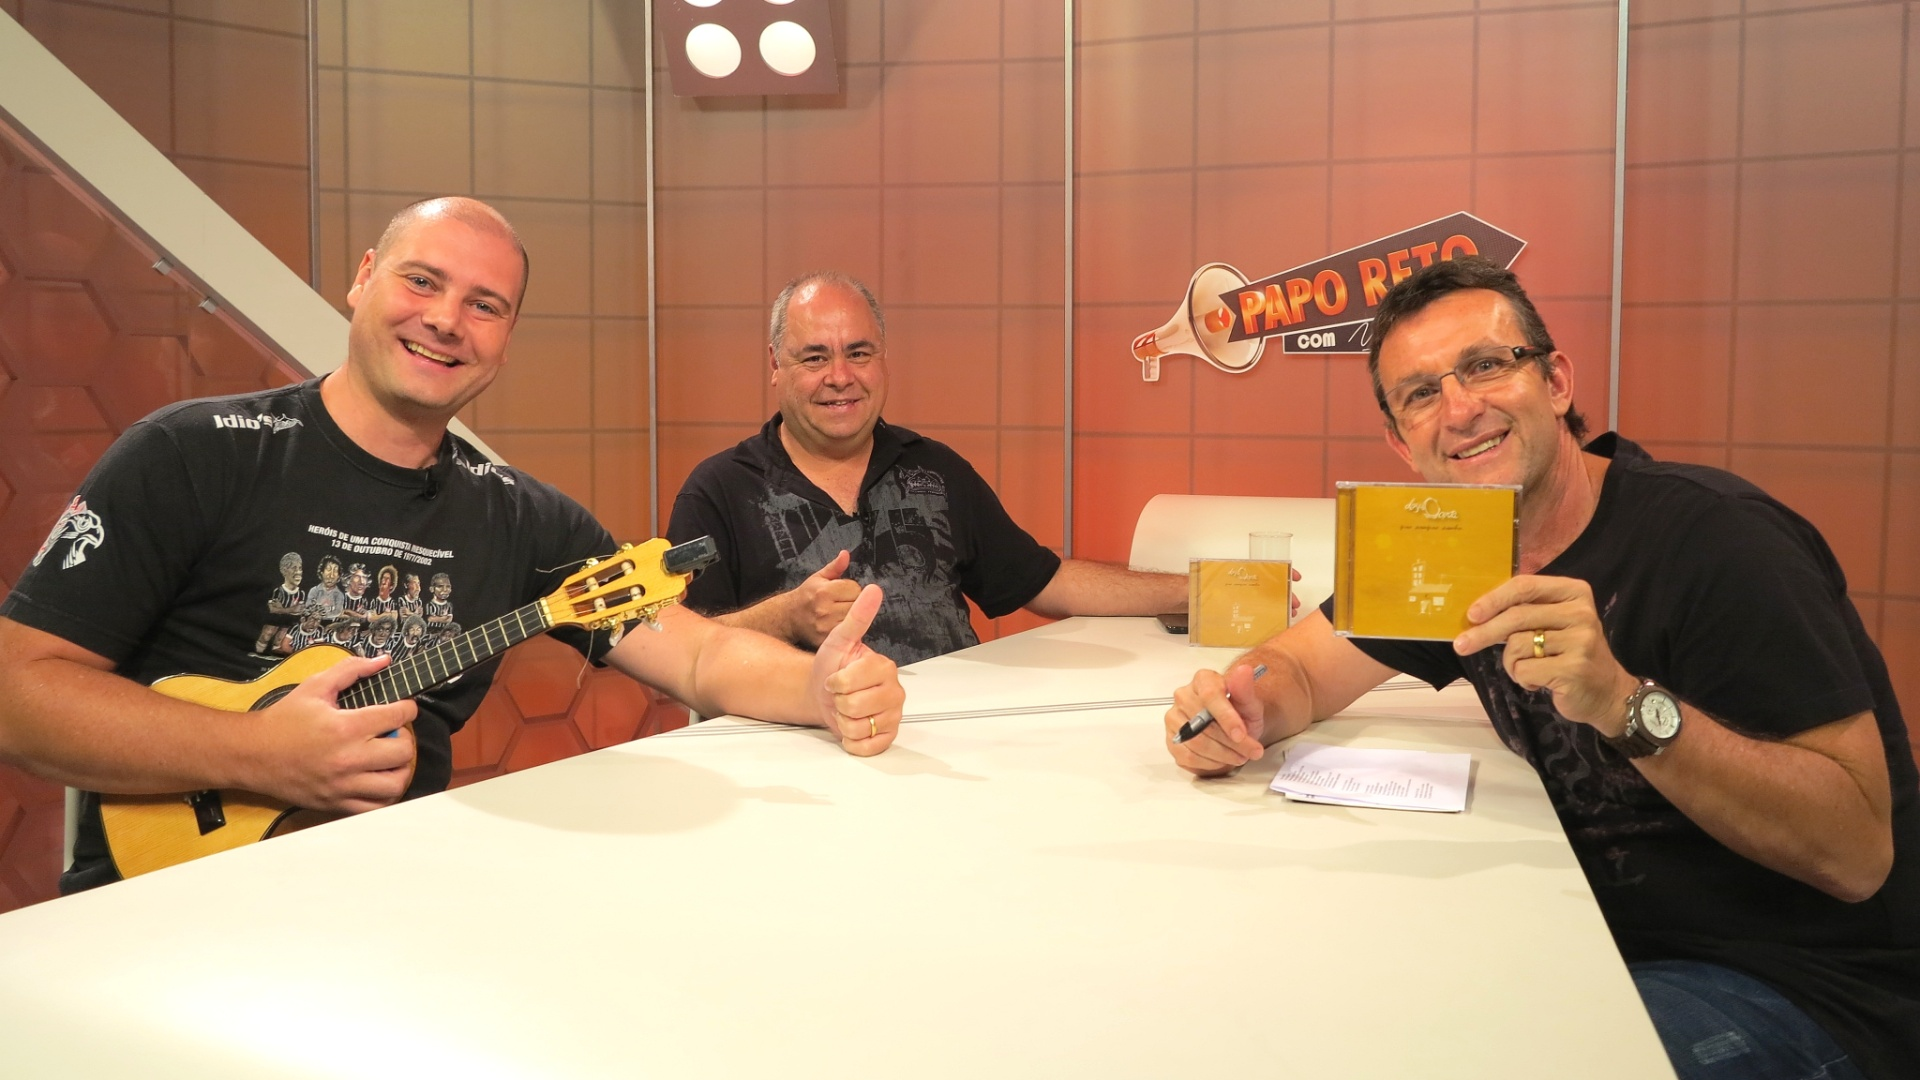 Alemão do Cavaco, da Mangueira, e Ernesto Teixeira, da Gaviões da Fiel, são convidados do